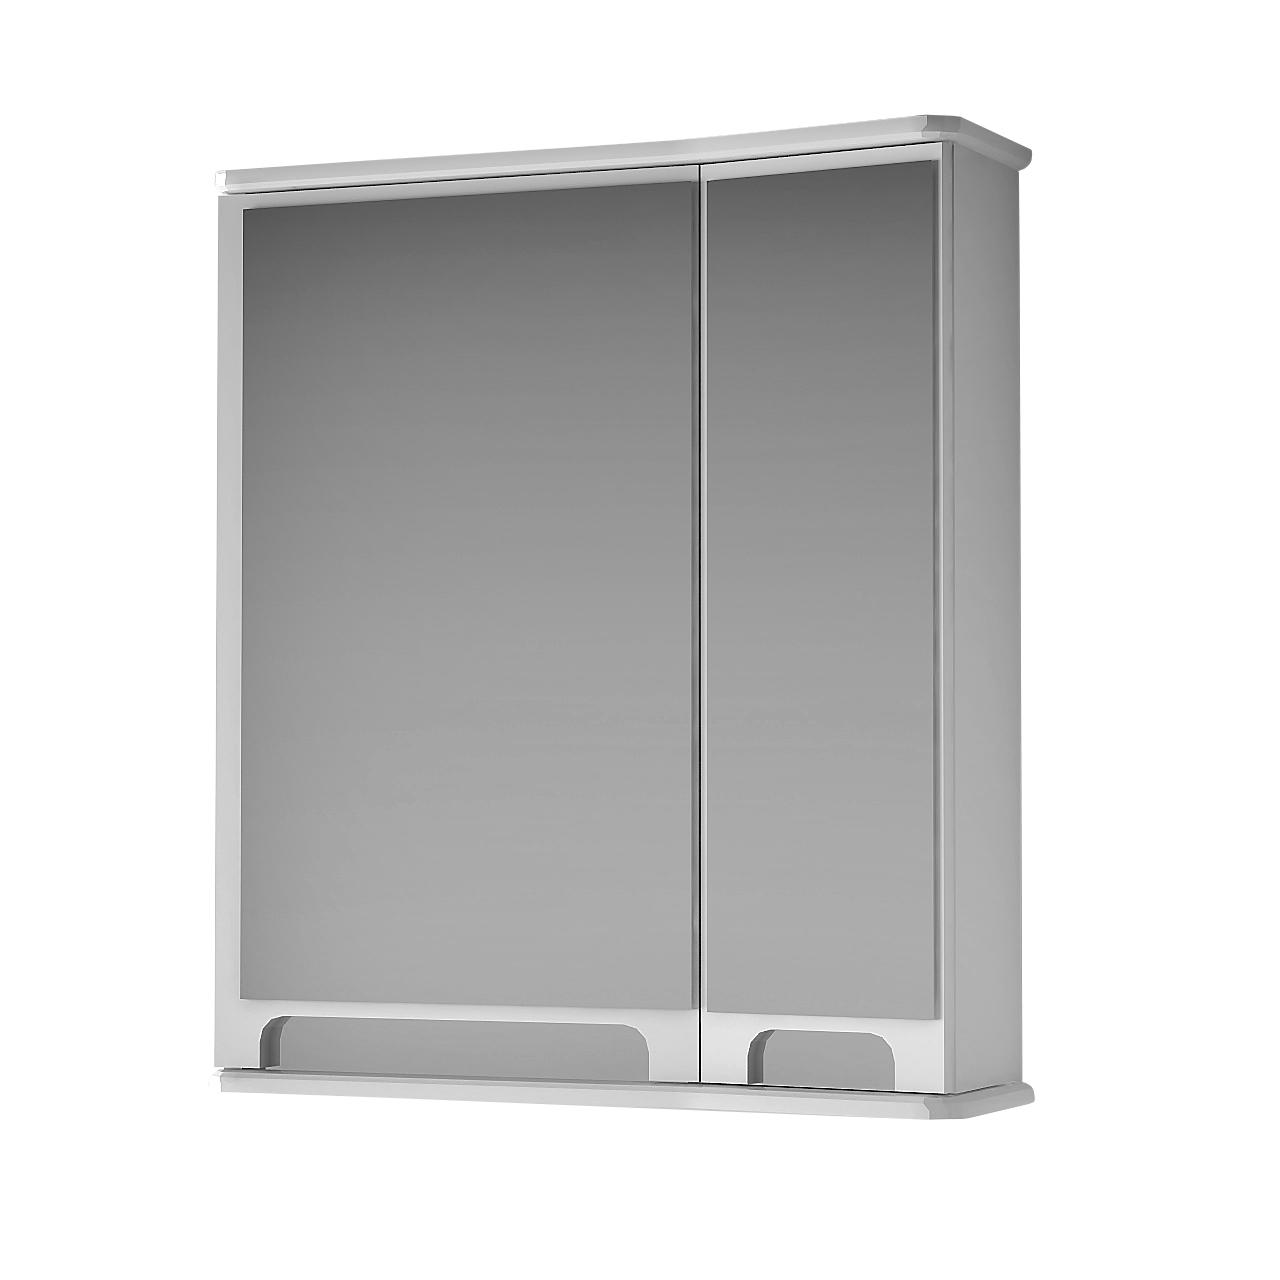 Дзеркальна шафа для ванної кімнати Венеція Вз 1-55п ( біле, праве ) ВанЛанд